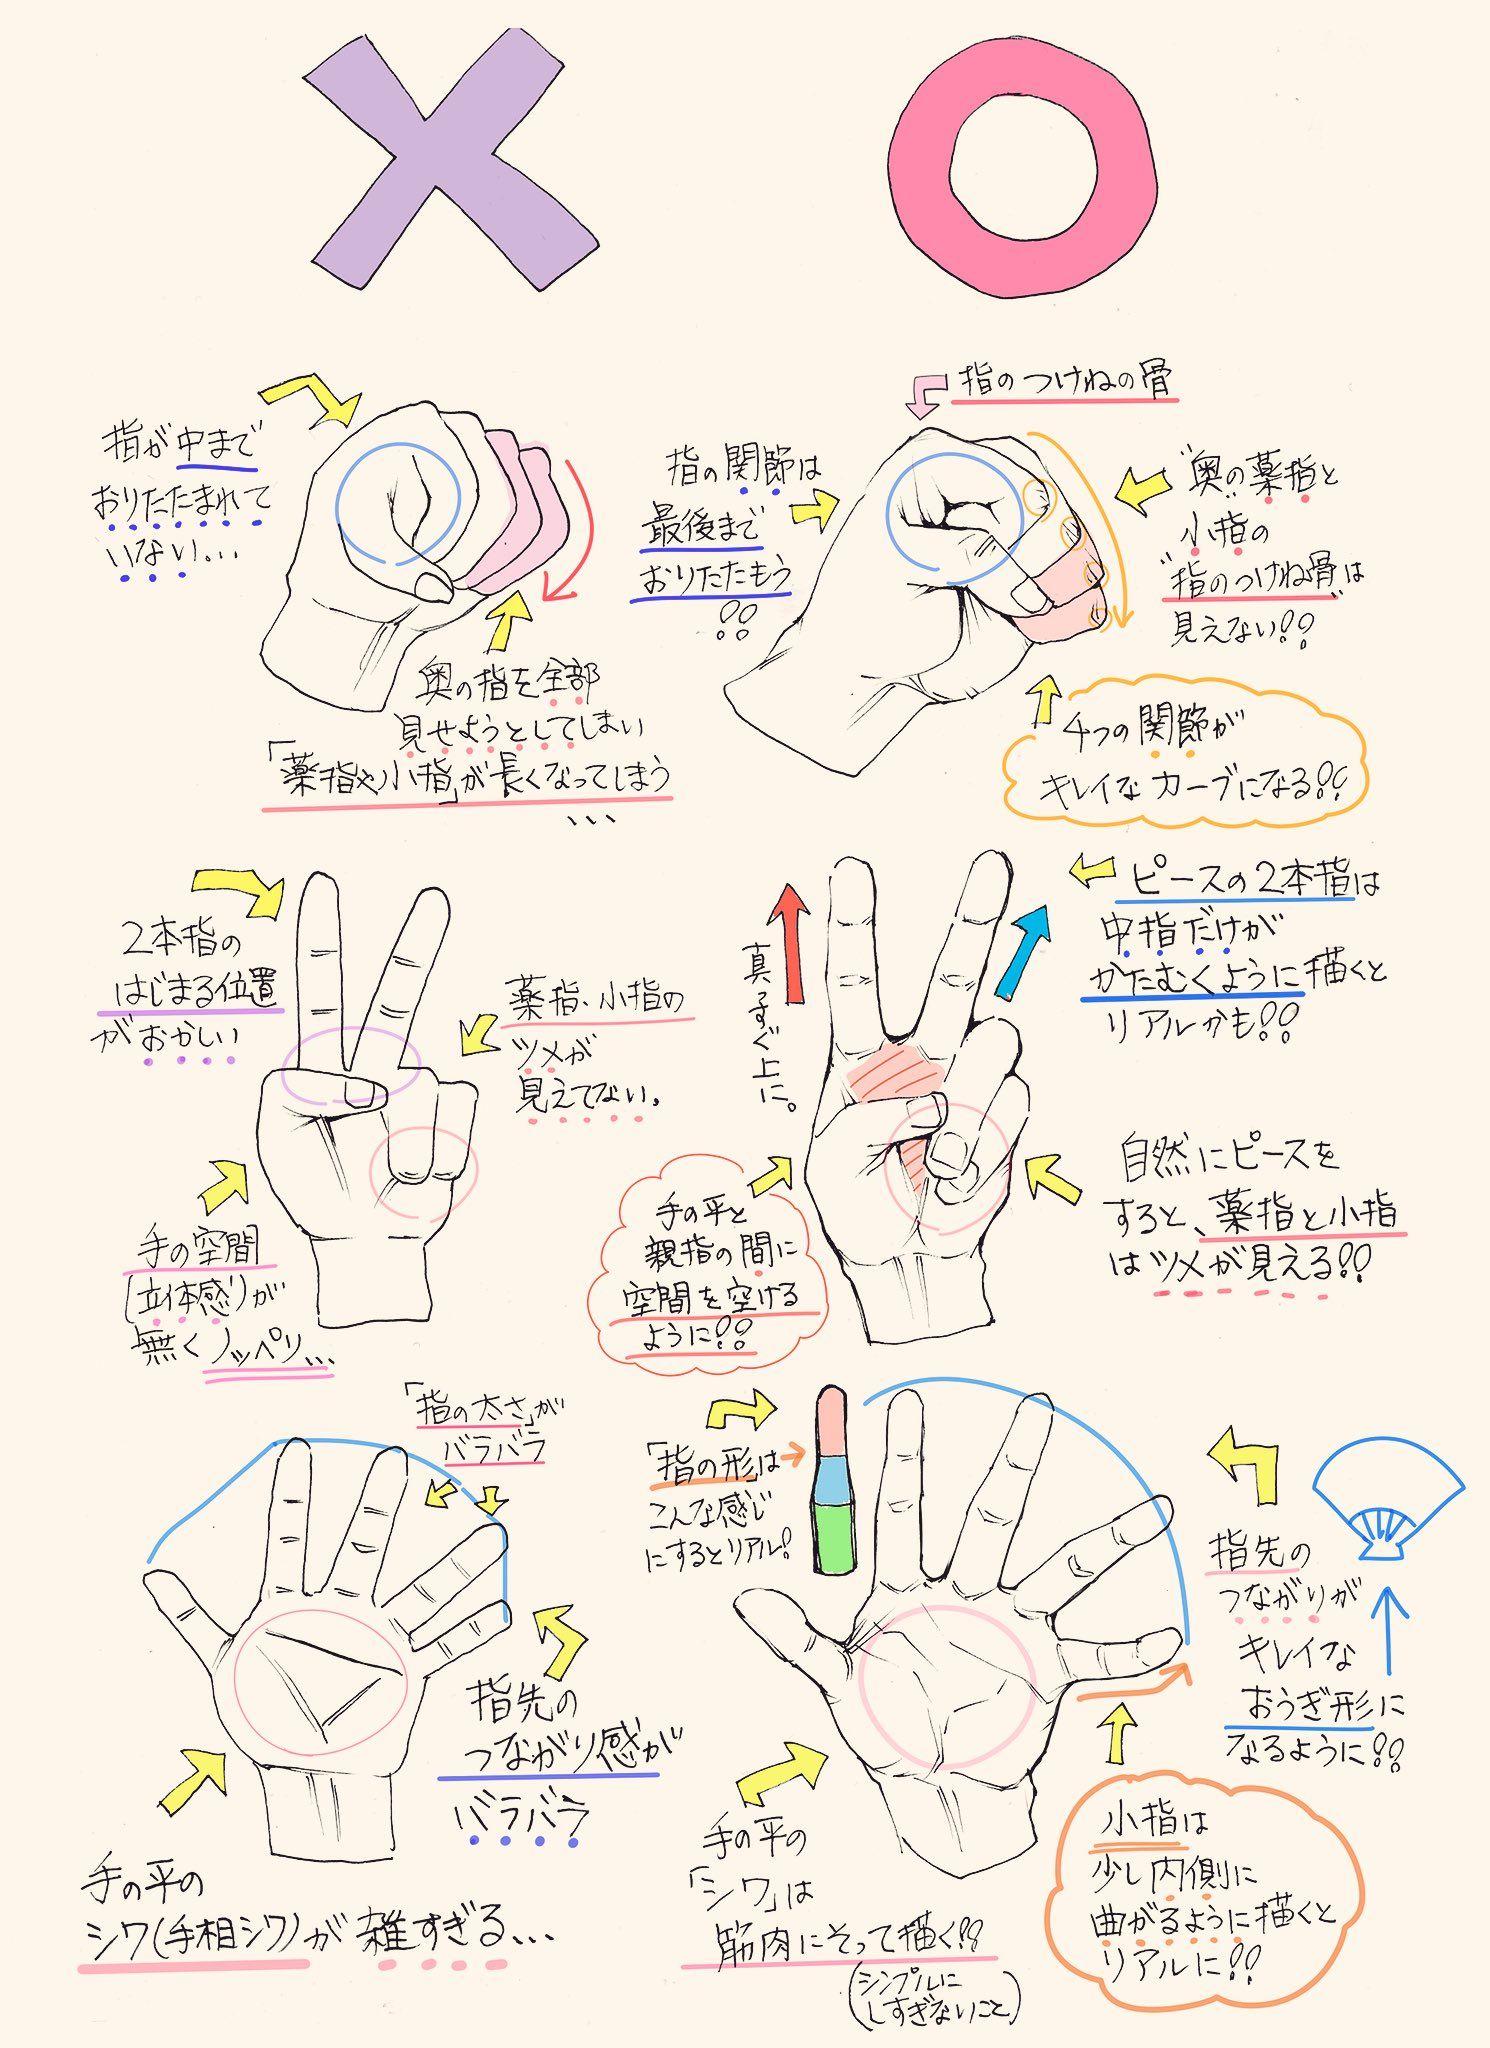 吉村拓也fanboxイラスト講座 On Hands Art Referencedrawings